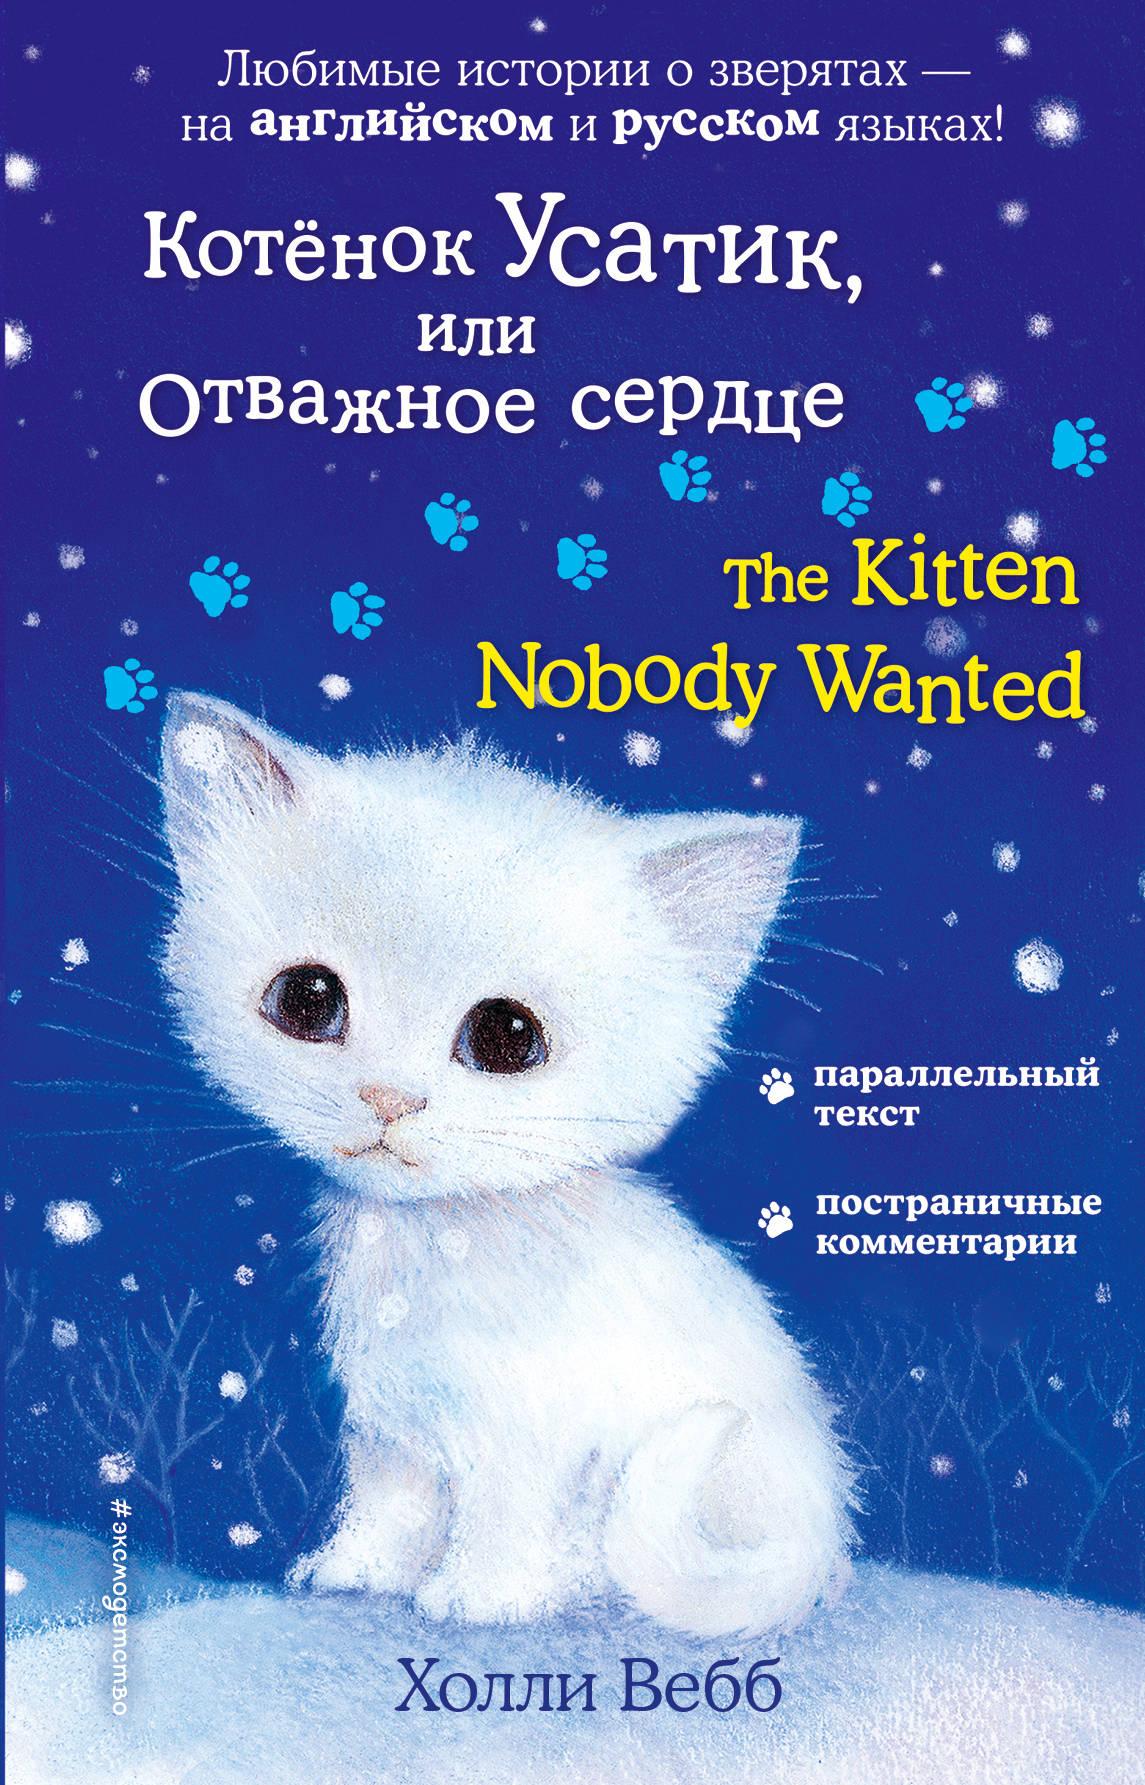 Холли Вебб Котёнок Усатик, или Отважное сердце / The Kitten Nobody Wanted